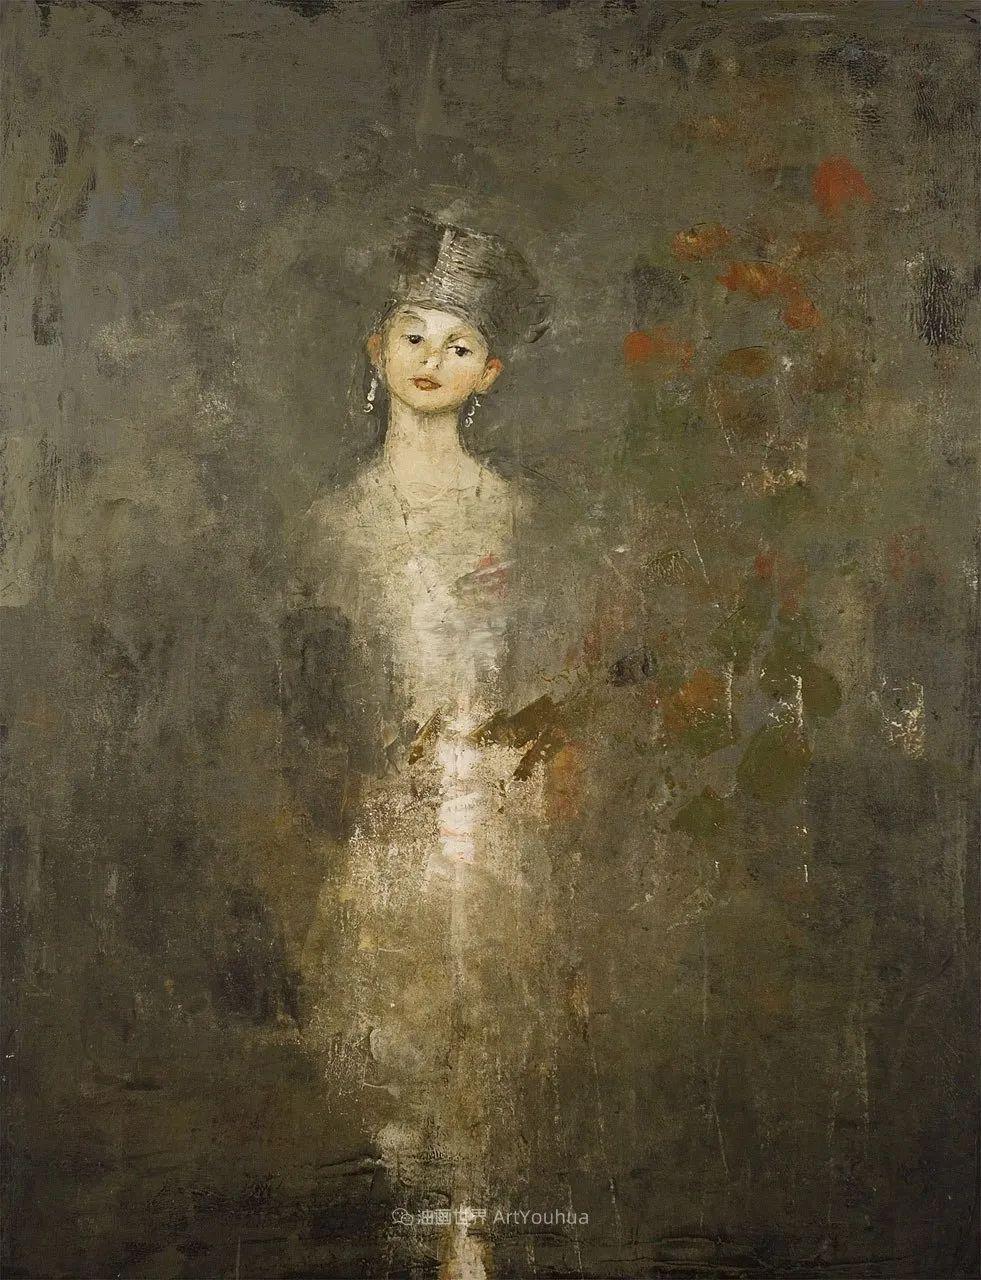 她从古代壁画中汲取灵感,但作品有一种非常现代、神秘的感觉!插图39